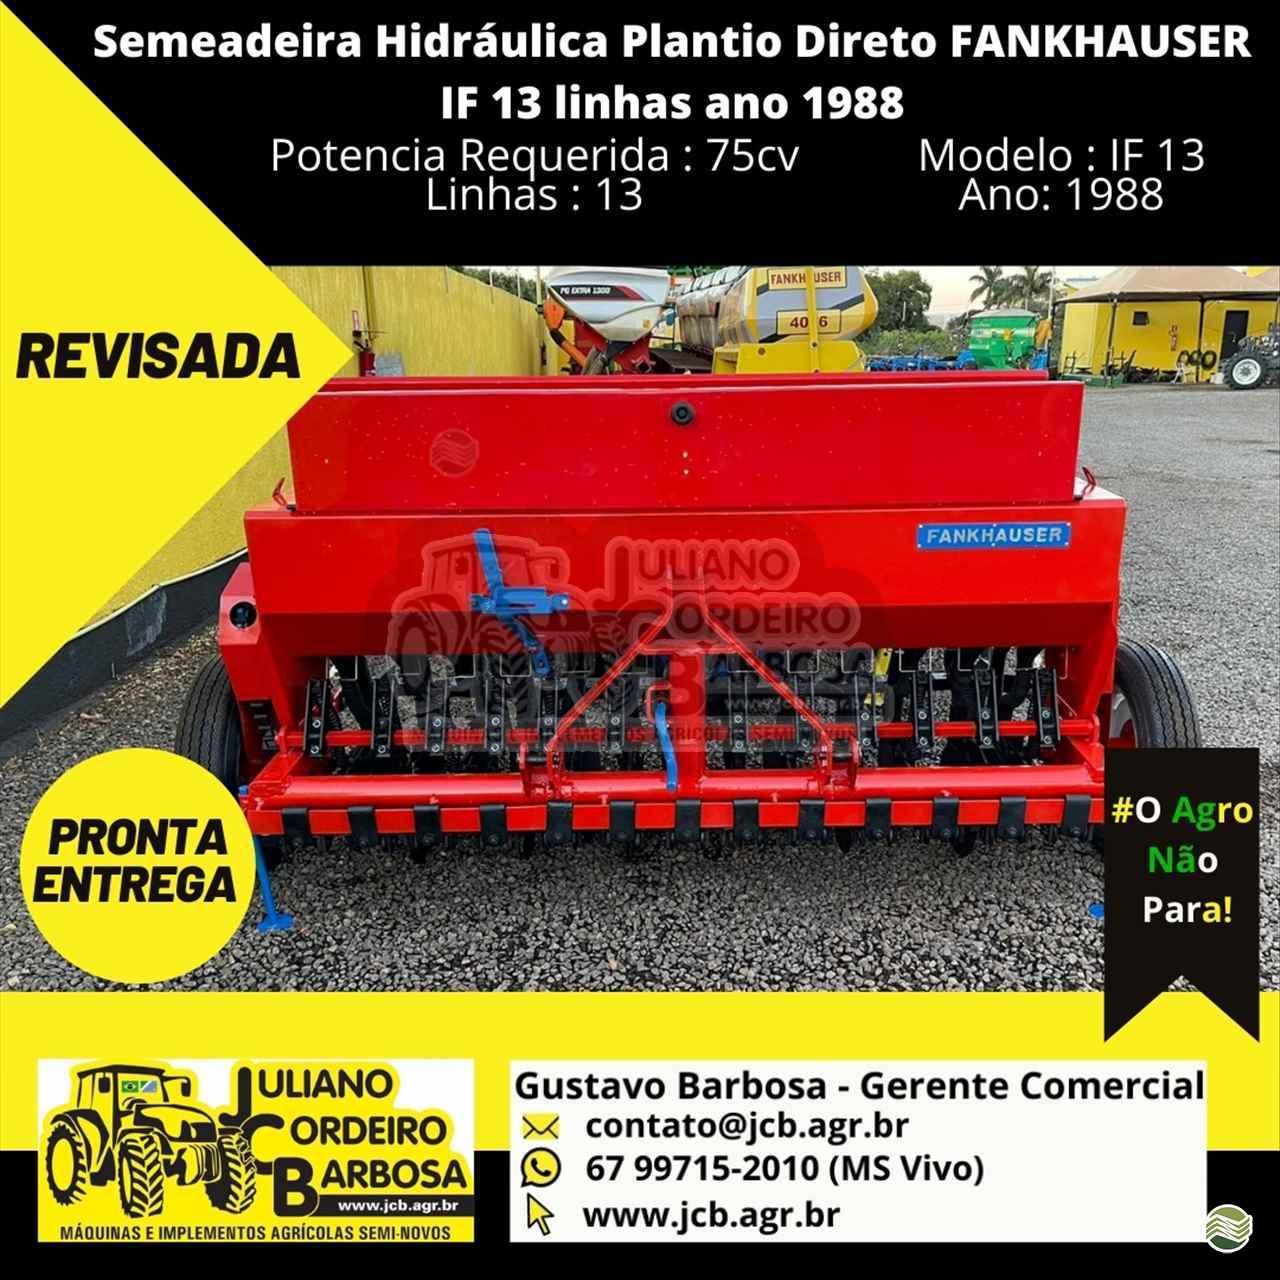 SEMEADEIRA FANKHAUSER FANKHAUSER IF 13 JCB Máquinas e Implementos Agrícolas MARACAJU MATO GROSSO DO SUL MS